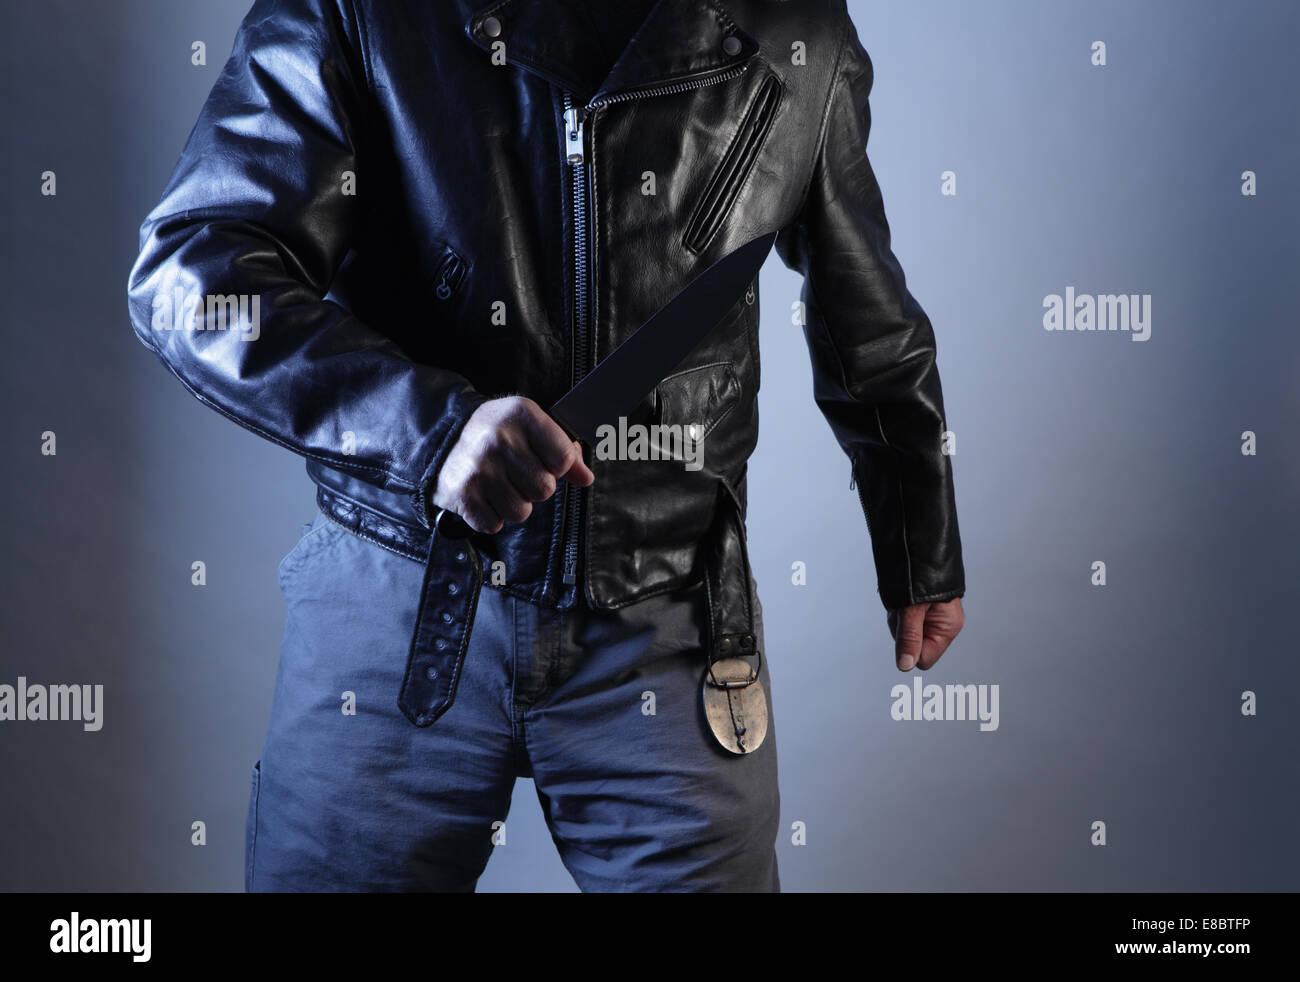 Amenazando con violencia masculina con los puños y la cuchilla se muestra torso Imagen De Stock